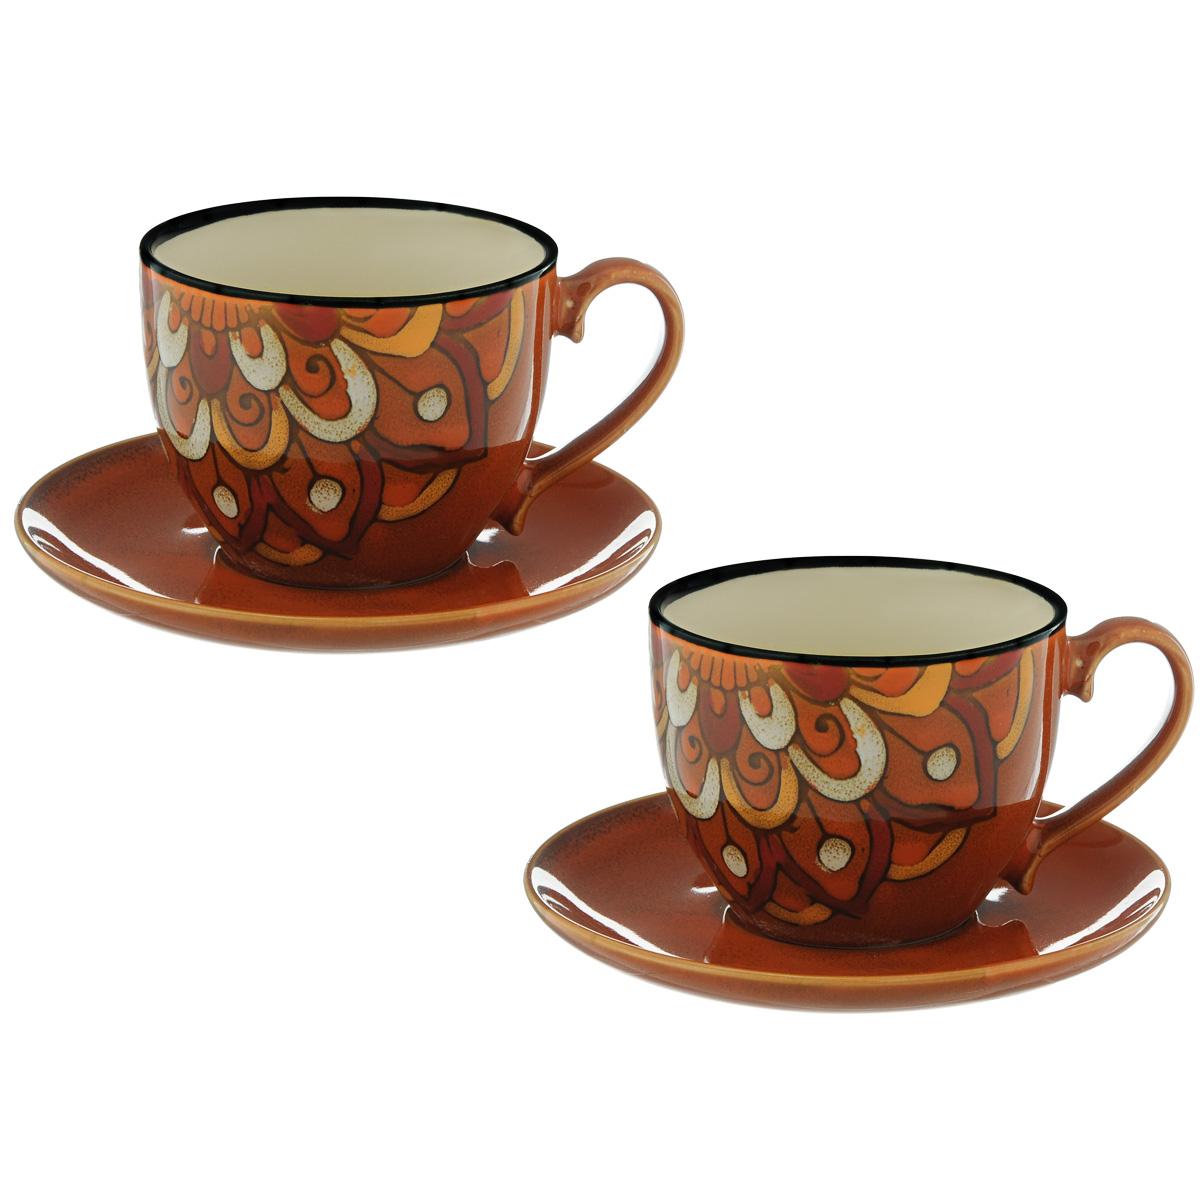 Набор чайный Korall Павлиний хвост, цвет: красный, 4 предмета719348Чайный набор Korall Павлиний хвост состоит из 2 чашек и 2 блюдец, изготовленных из высококачественной керамики. Предметы набора декорированы изображением павлиньего хвоста. Чайный набор яркого и в тоже время простого дизайна сделает ежедневное чаепитие настоящим праздником. Объем чашки: 300 мл. Диаметр чашки (по верхнему краю): 9,3 см. Высота чашки: 7,3 см. Диаметр блюдца: 14,5 см.